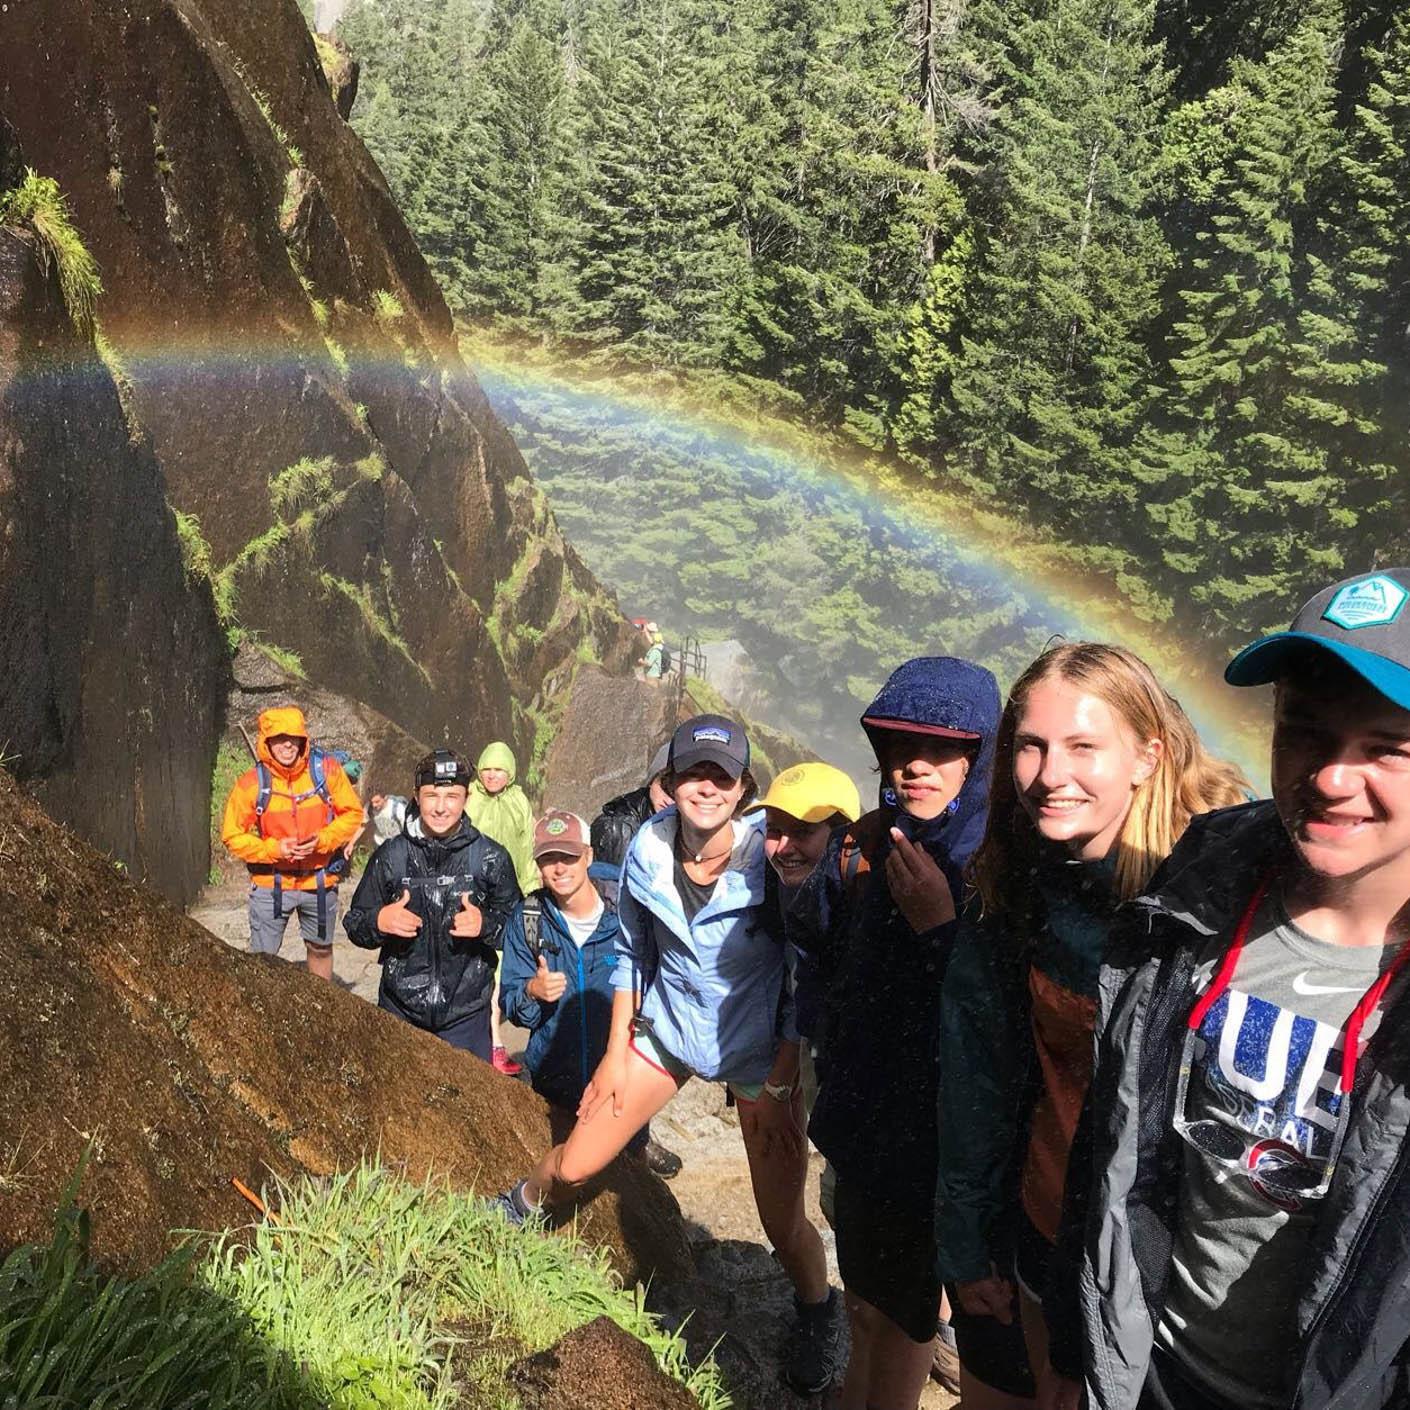 High Sierra hiking